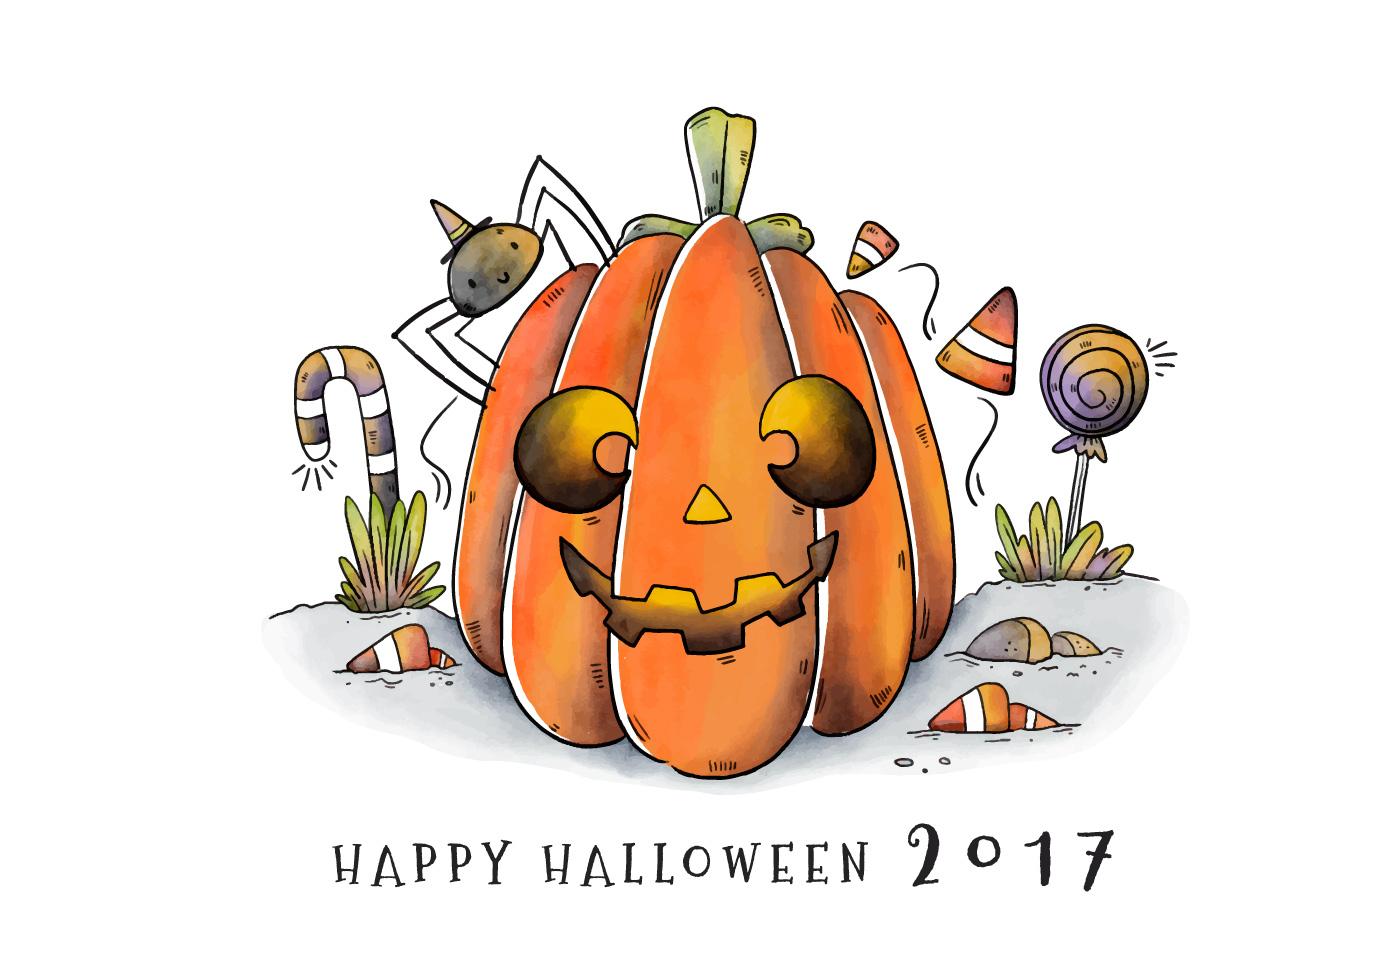 Cute Halloween Pumpkin Character Smiling Vector - Download ...